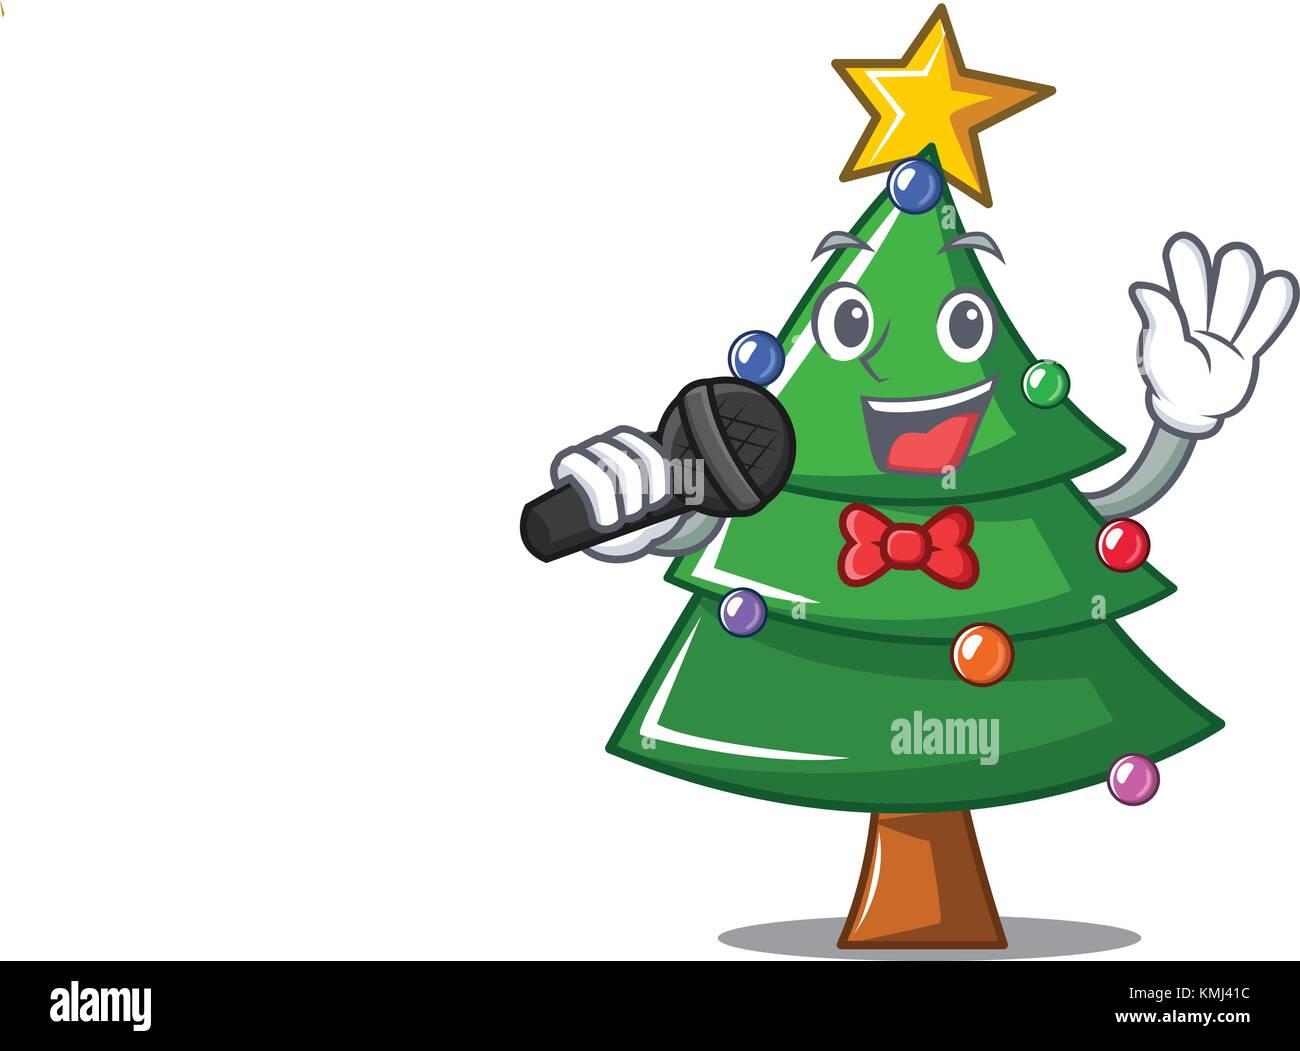 5cba422cec70c Singing Christmas Tree Stock Photos   Singing Christmas Tree Stock ...